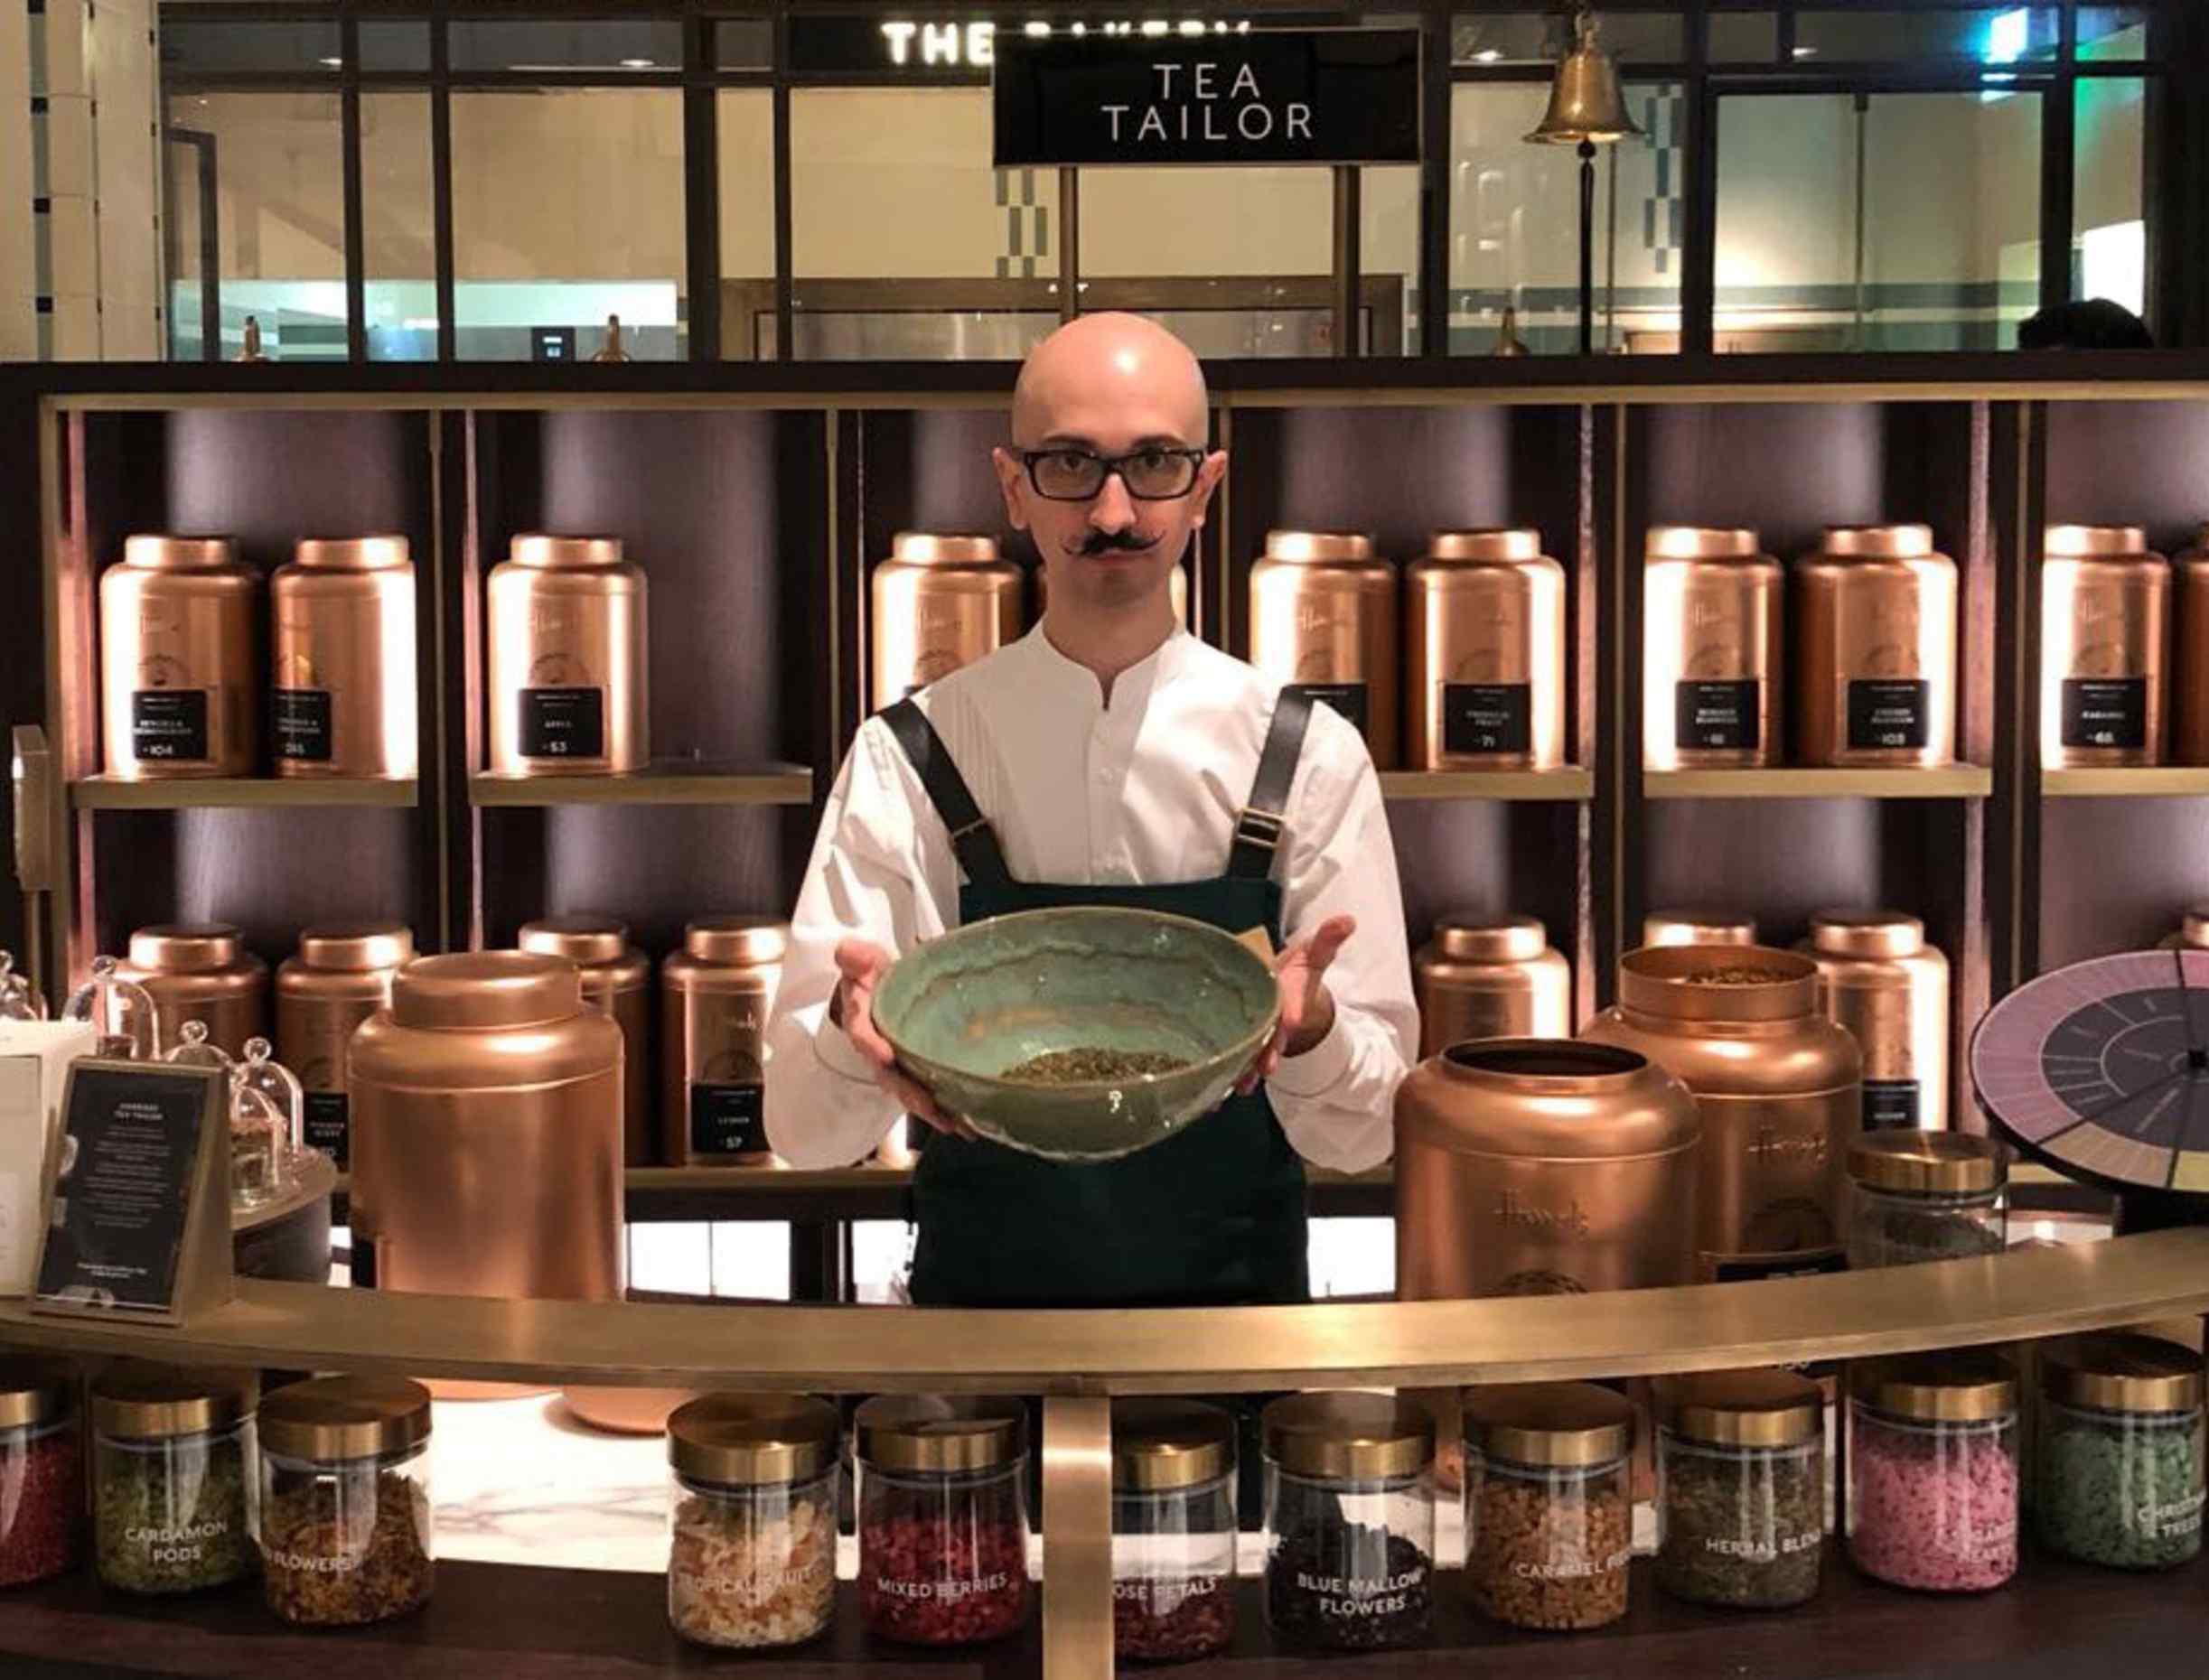 Harrods Tea Tailor